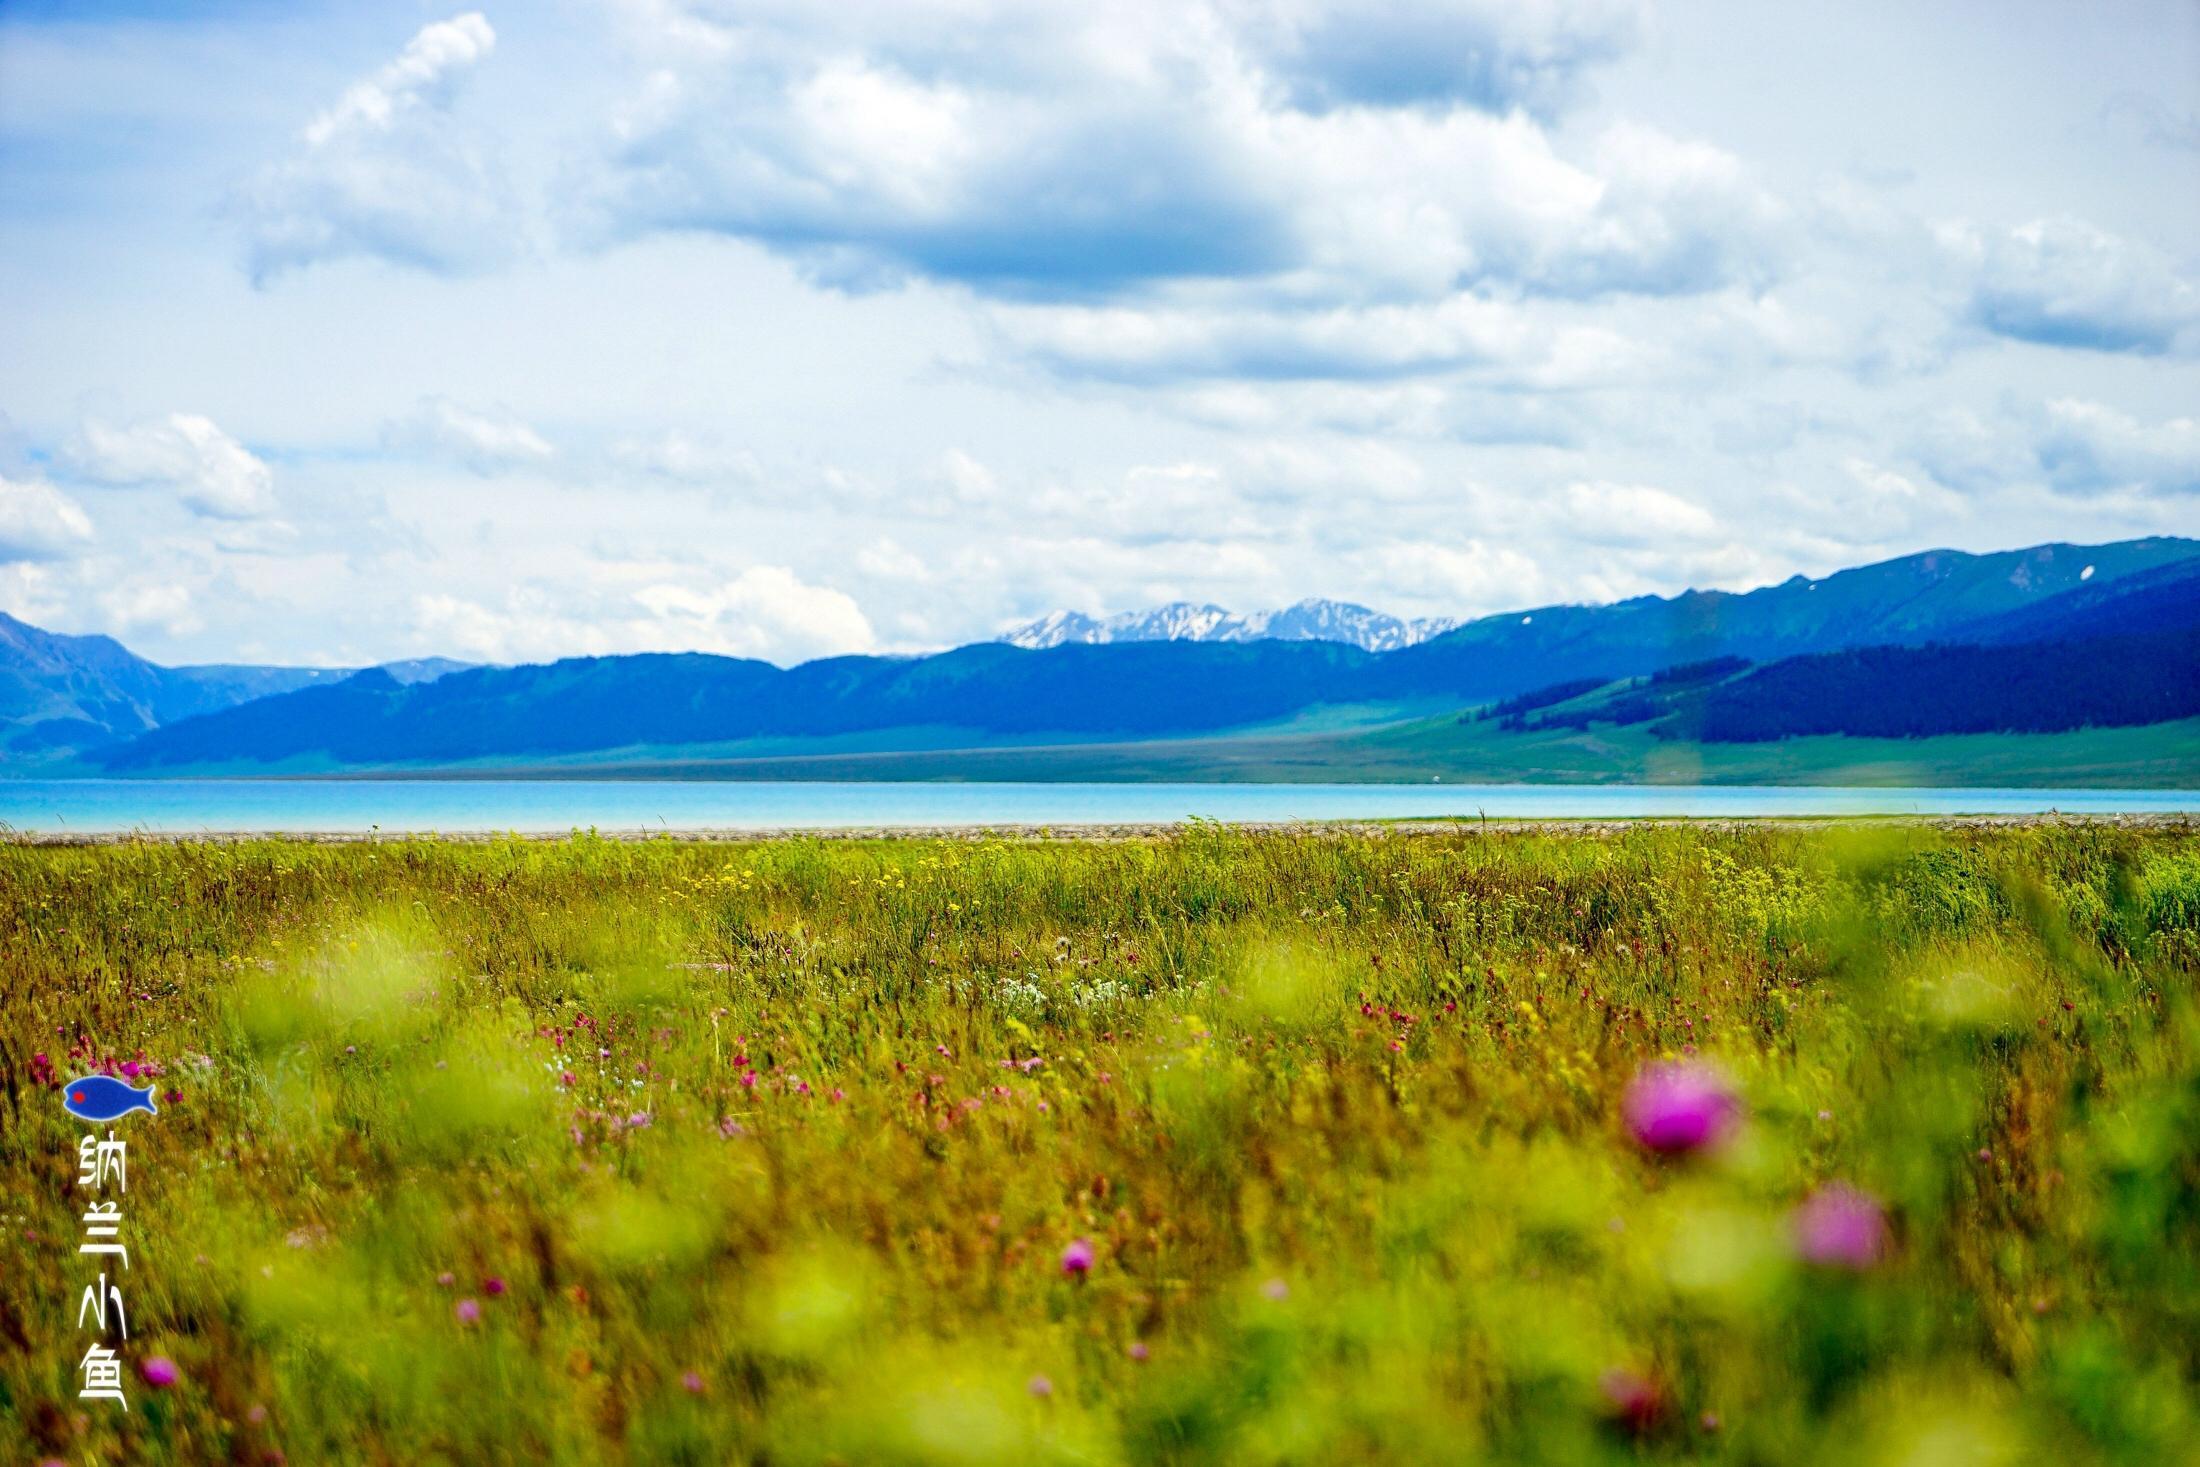 曾经满目疮痍   如今却被公认为中国最美的湖泊  新疆赛里木湖究竟发生了什么?